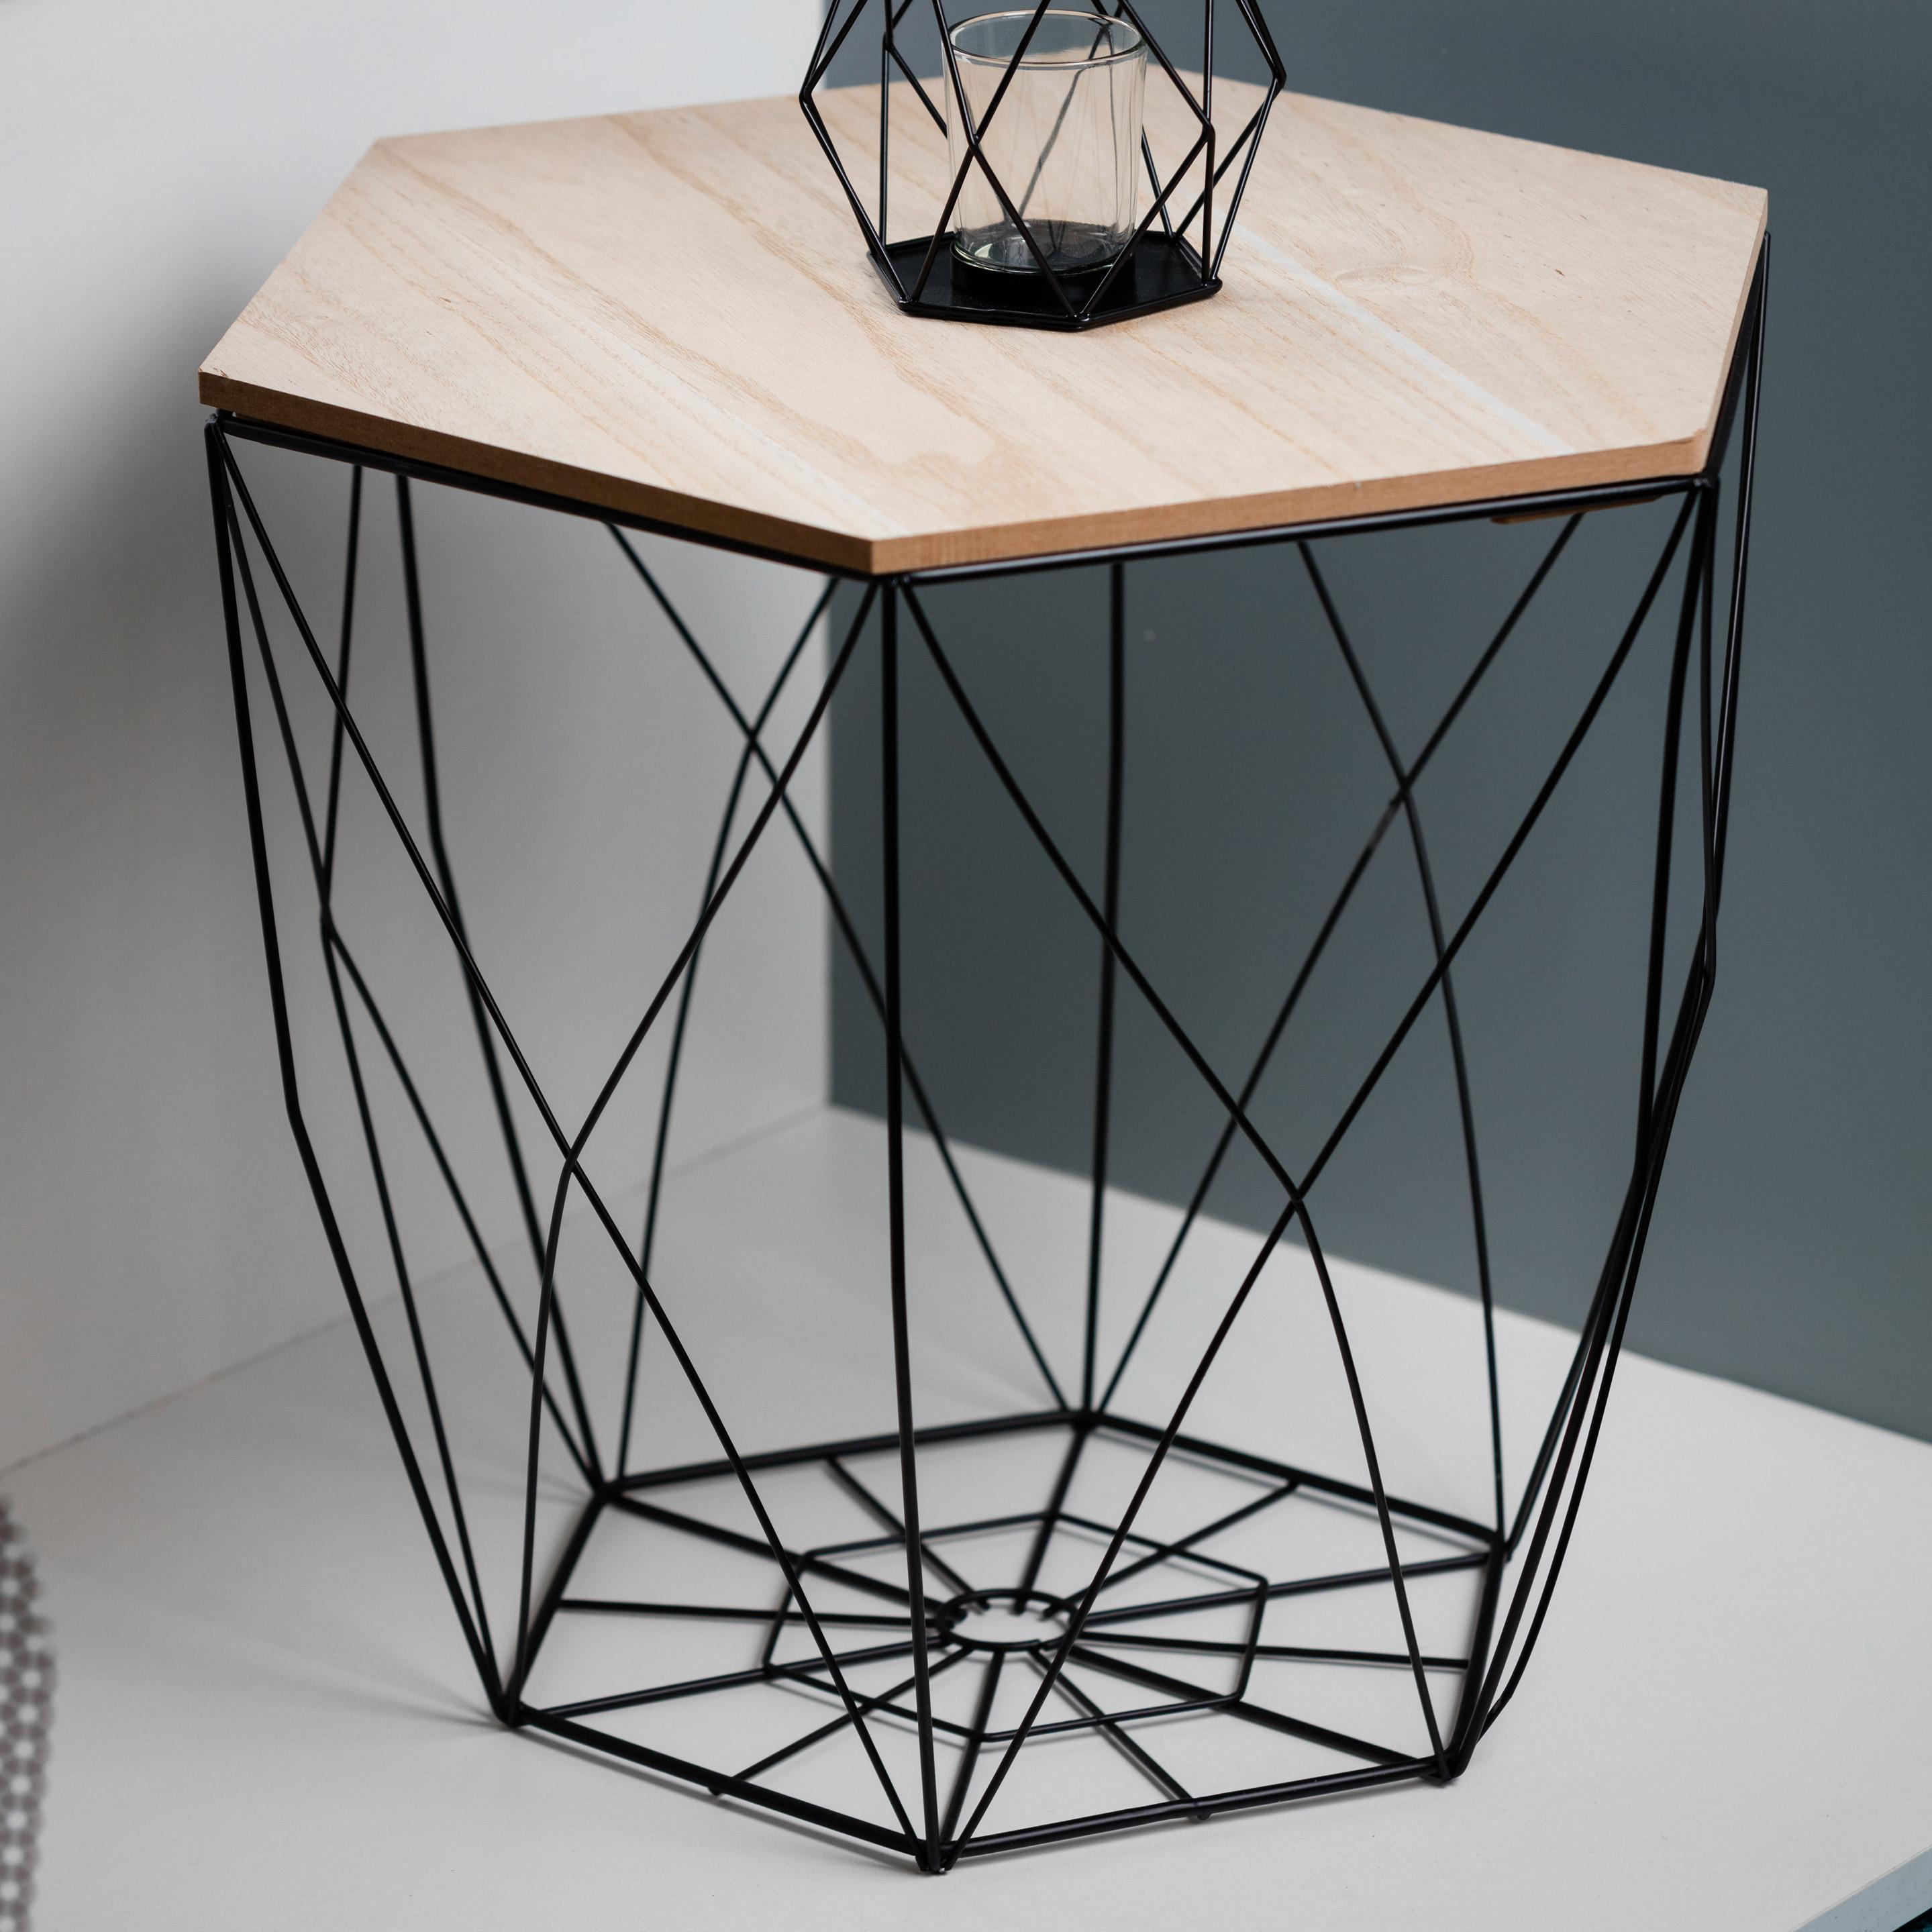 Table d'appoint Panière filaire, noir et bois naturel, l.40 x H.40.5 cm